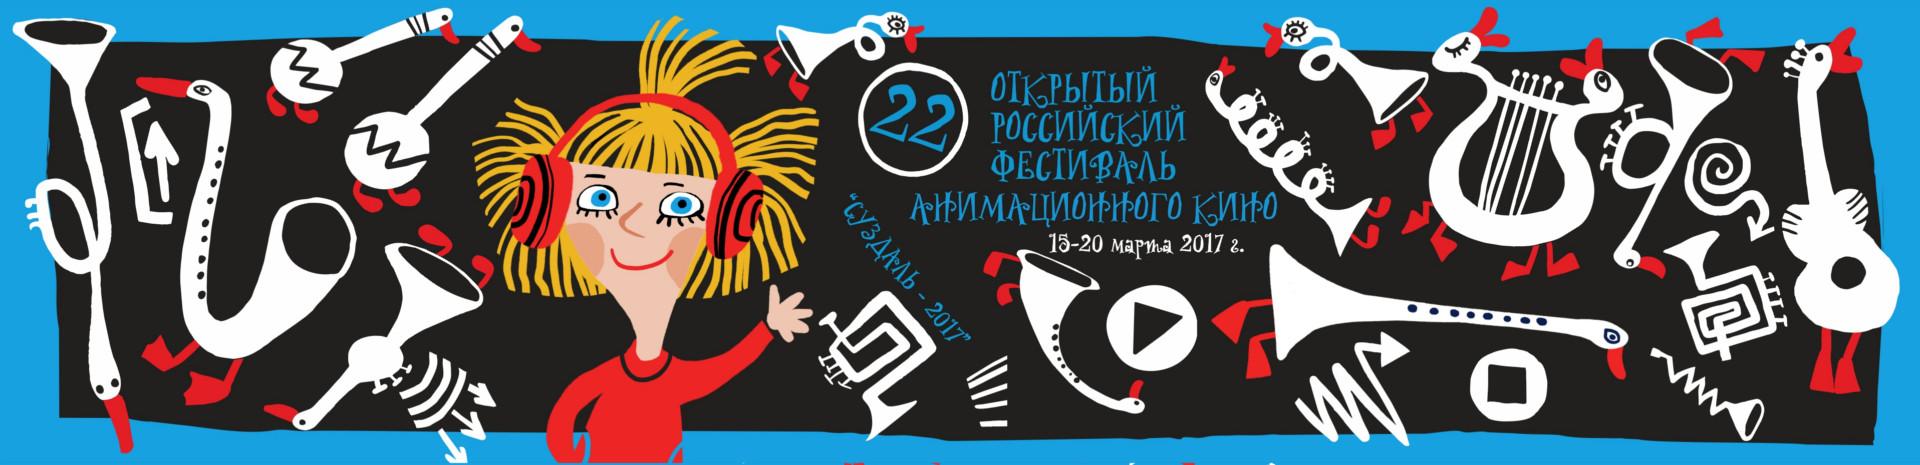 Плакат фестиваля 2017